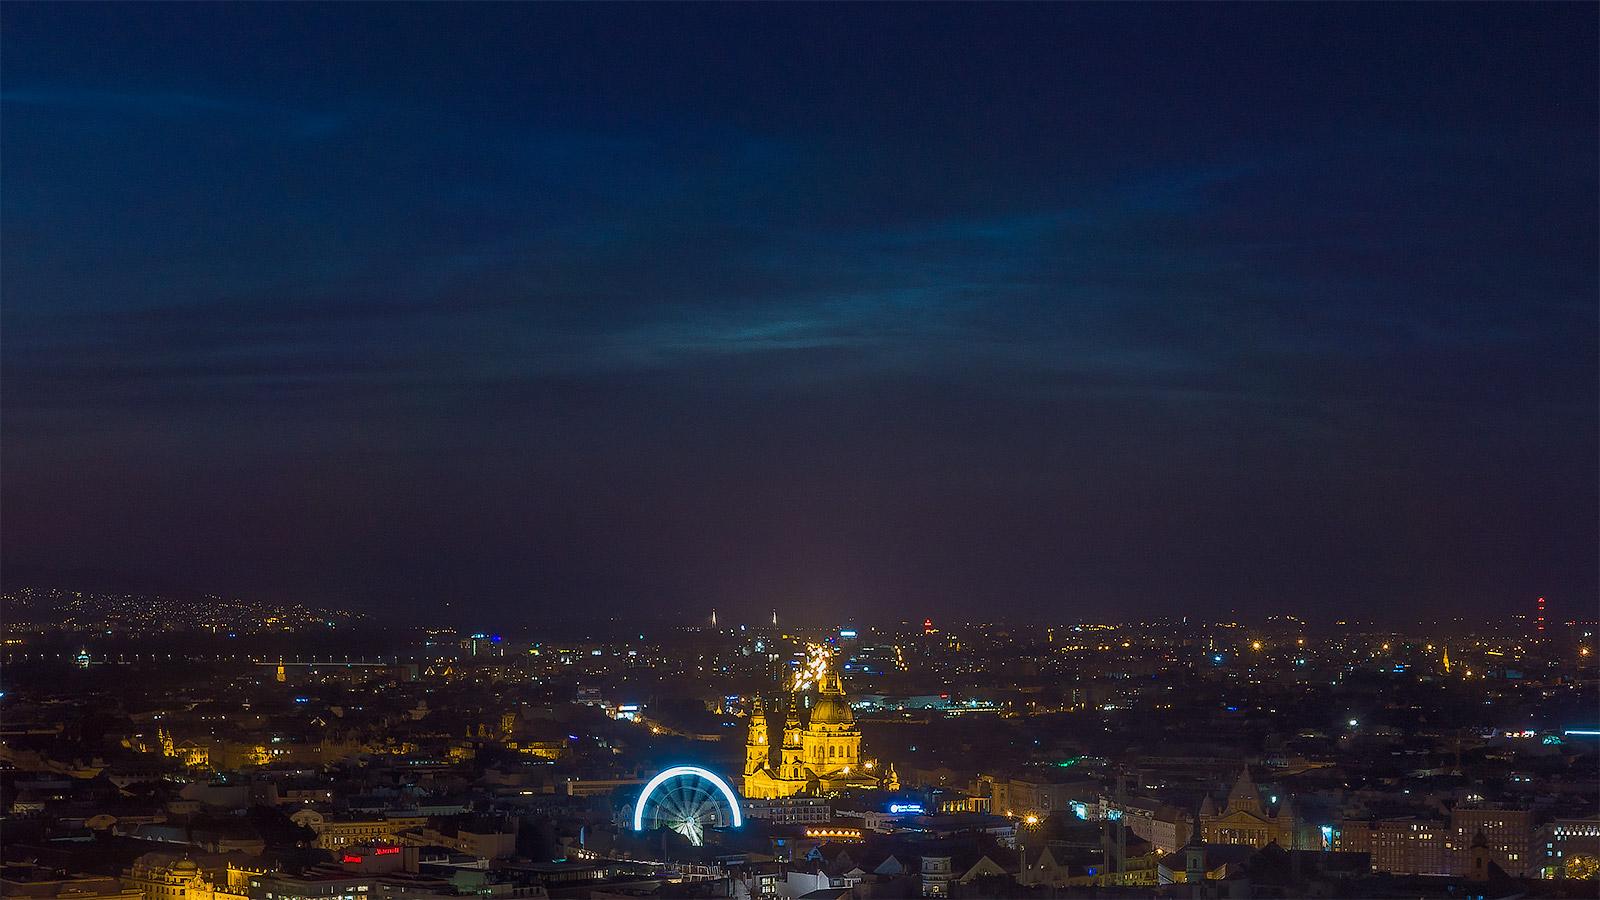 közelkép a világító felhőkről Budapest felett a Citadelláról fotózva